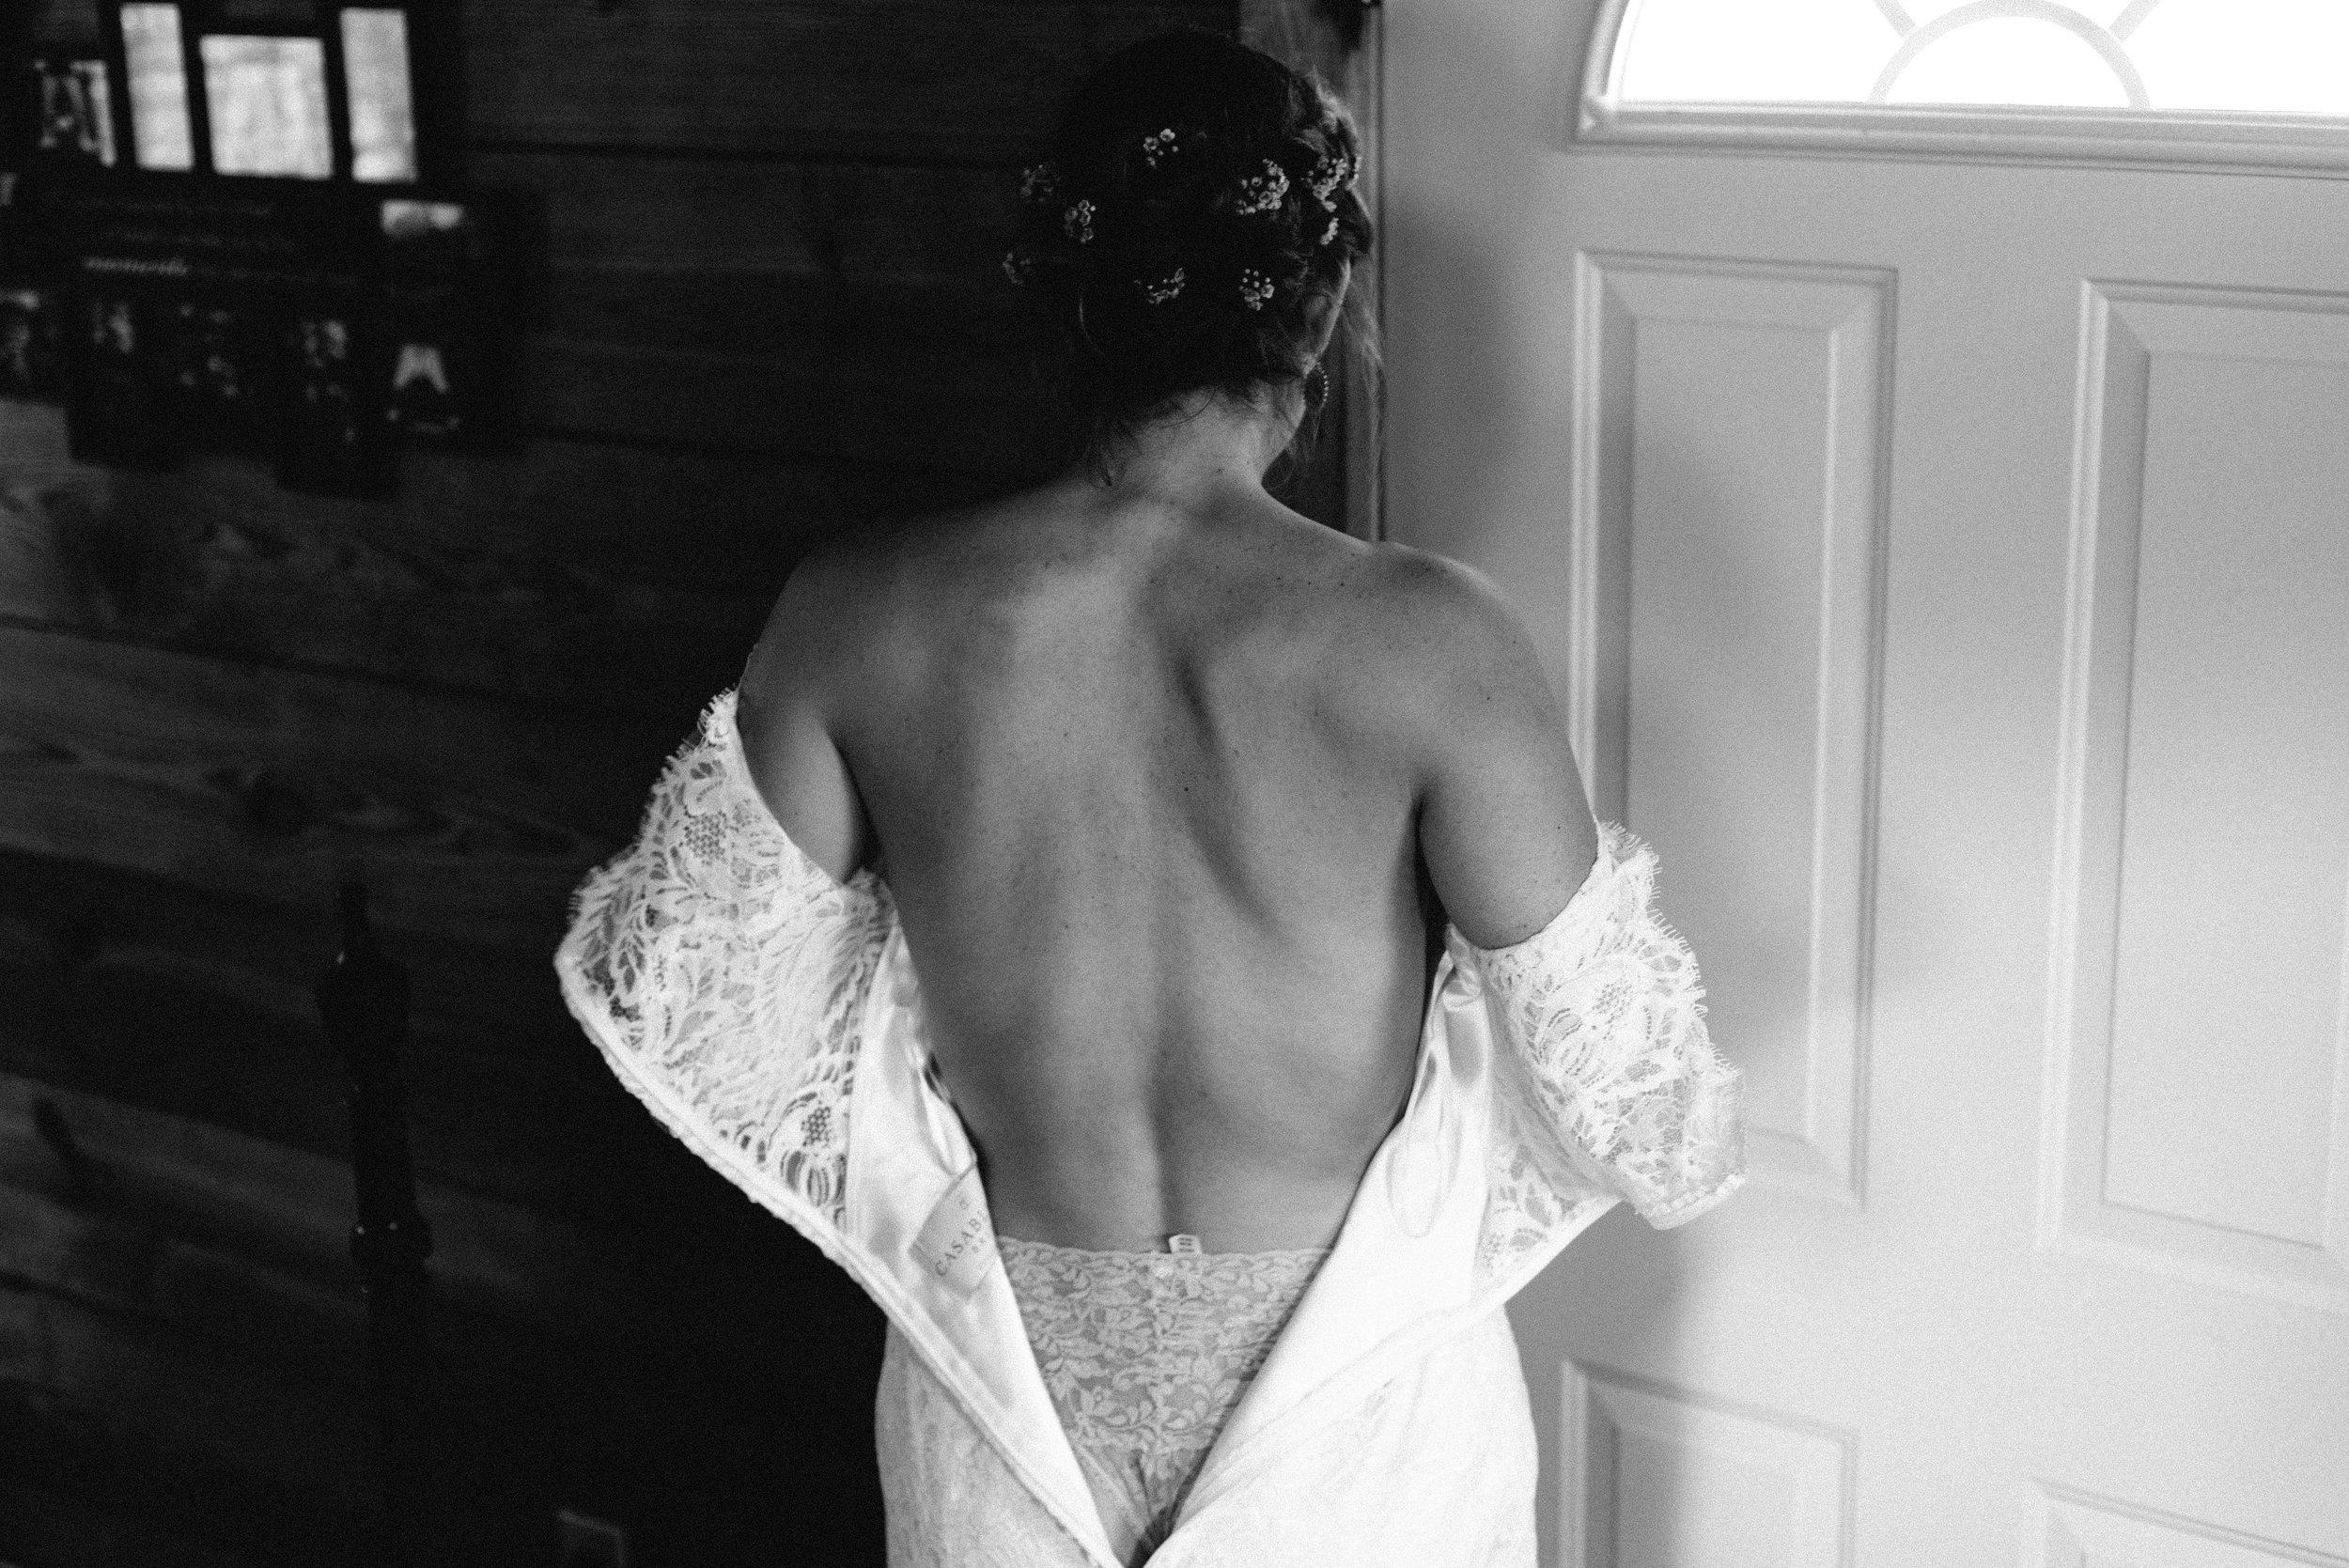 raleigh-elopement-photographer-raleigh-durham-wedding-maddie-and-devin- (8 of 162).jpg